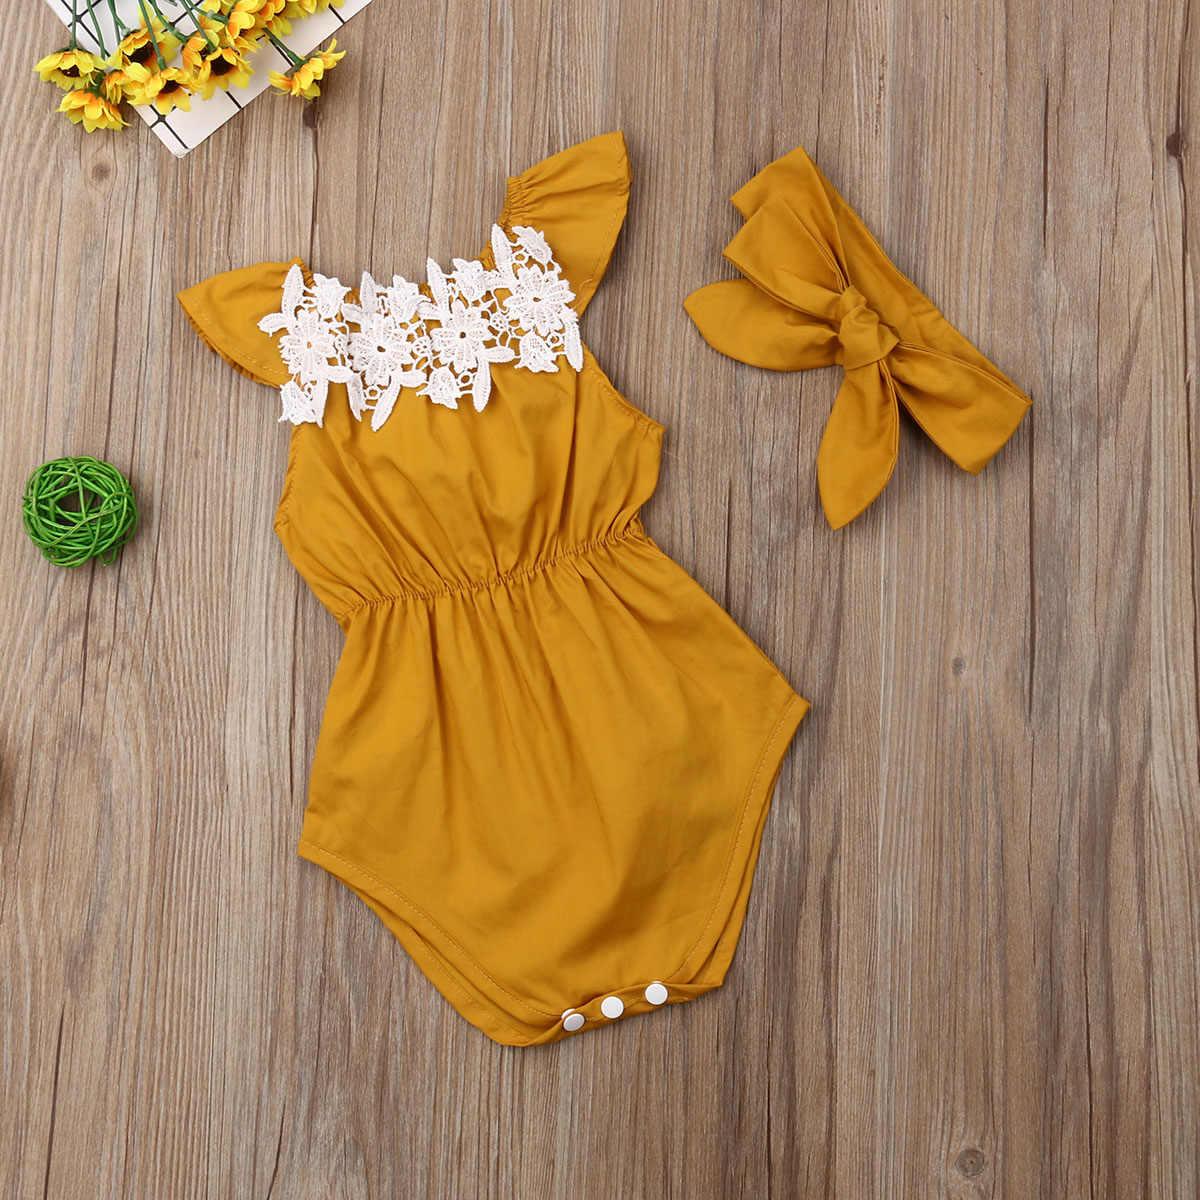 Милые Боди для новорожденных девочек; летняя одежда для малышей; кружевной комбинезон принцессы без рукавов с цветочным принтом + повязка на голову; комплект из 2 предметов